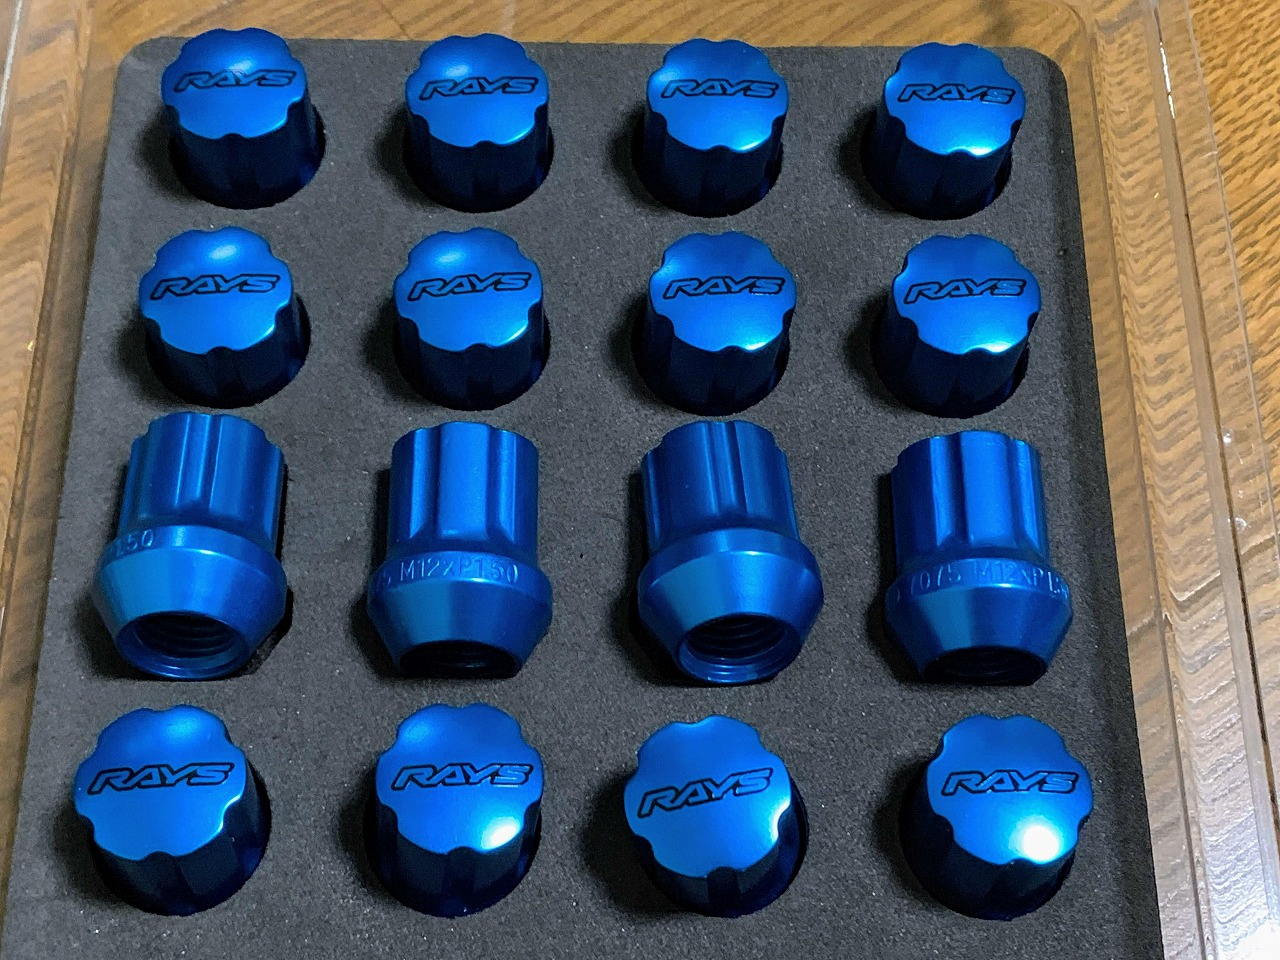 軽量鍛造ホイールで有名なRAYSの超々ジュラルミン7075の鮮やかなブルーのジュラルミンナットセットを購入しました♪